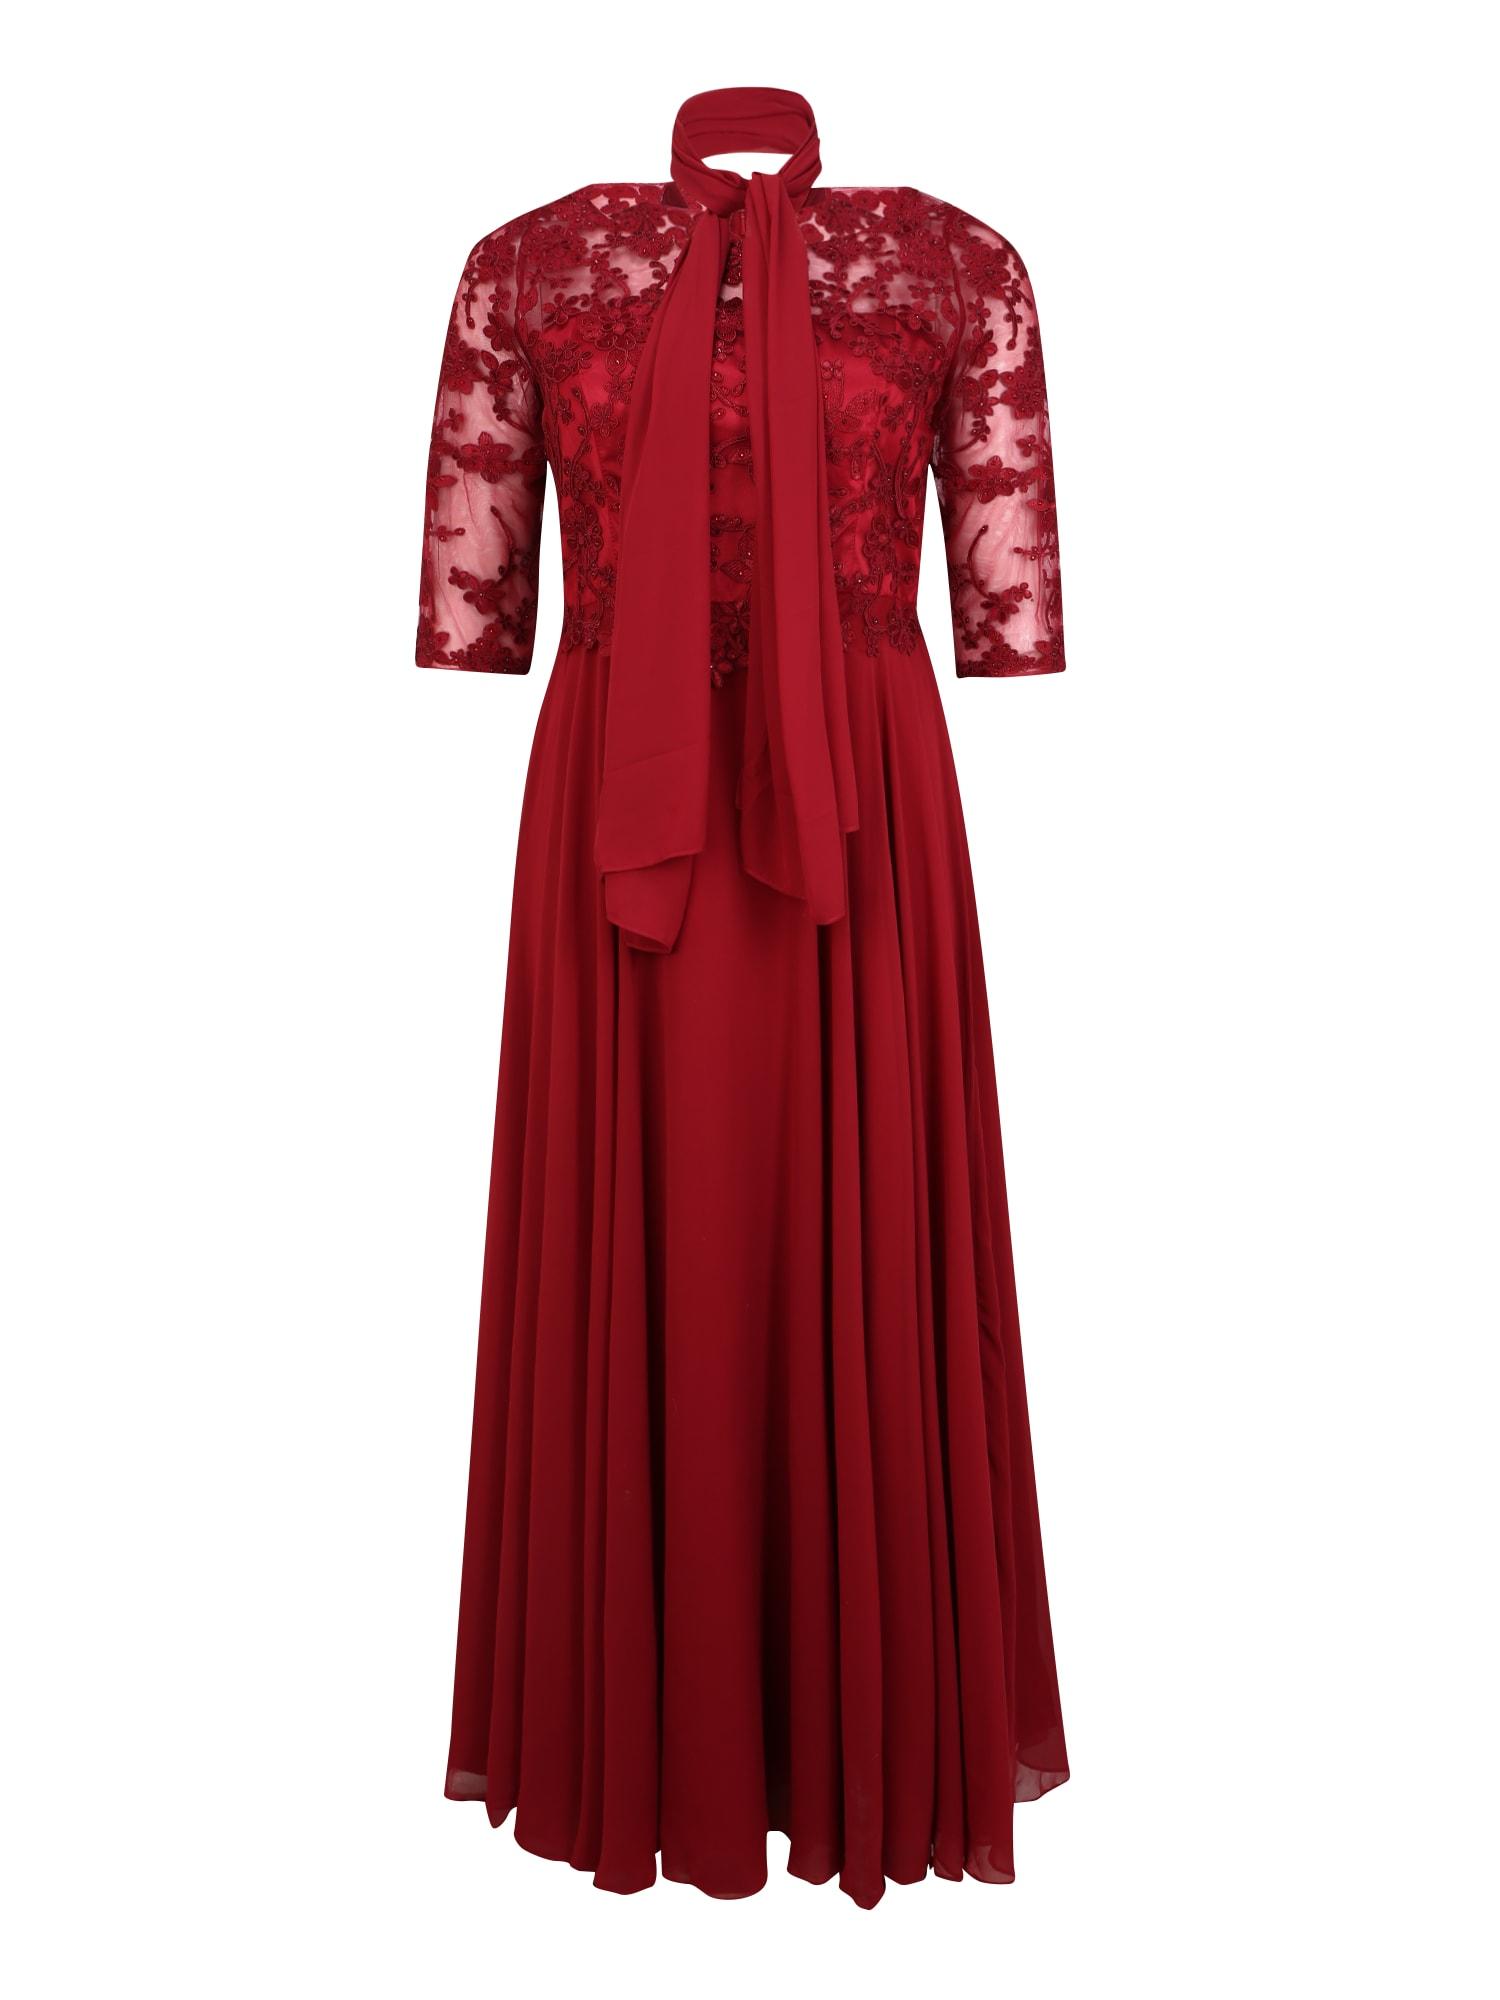 My Mascara Curves Vakarinė suknelė 'EMB Sleeve' vyno raudona spalva